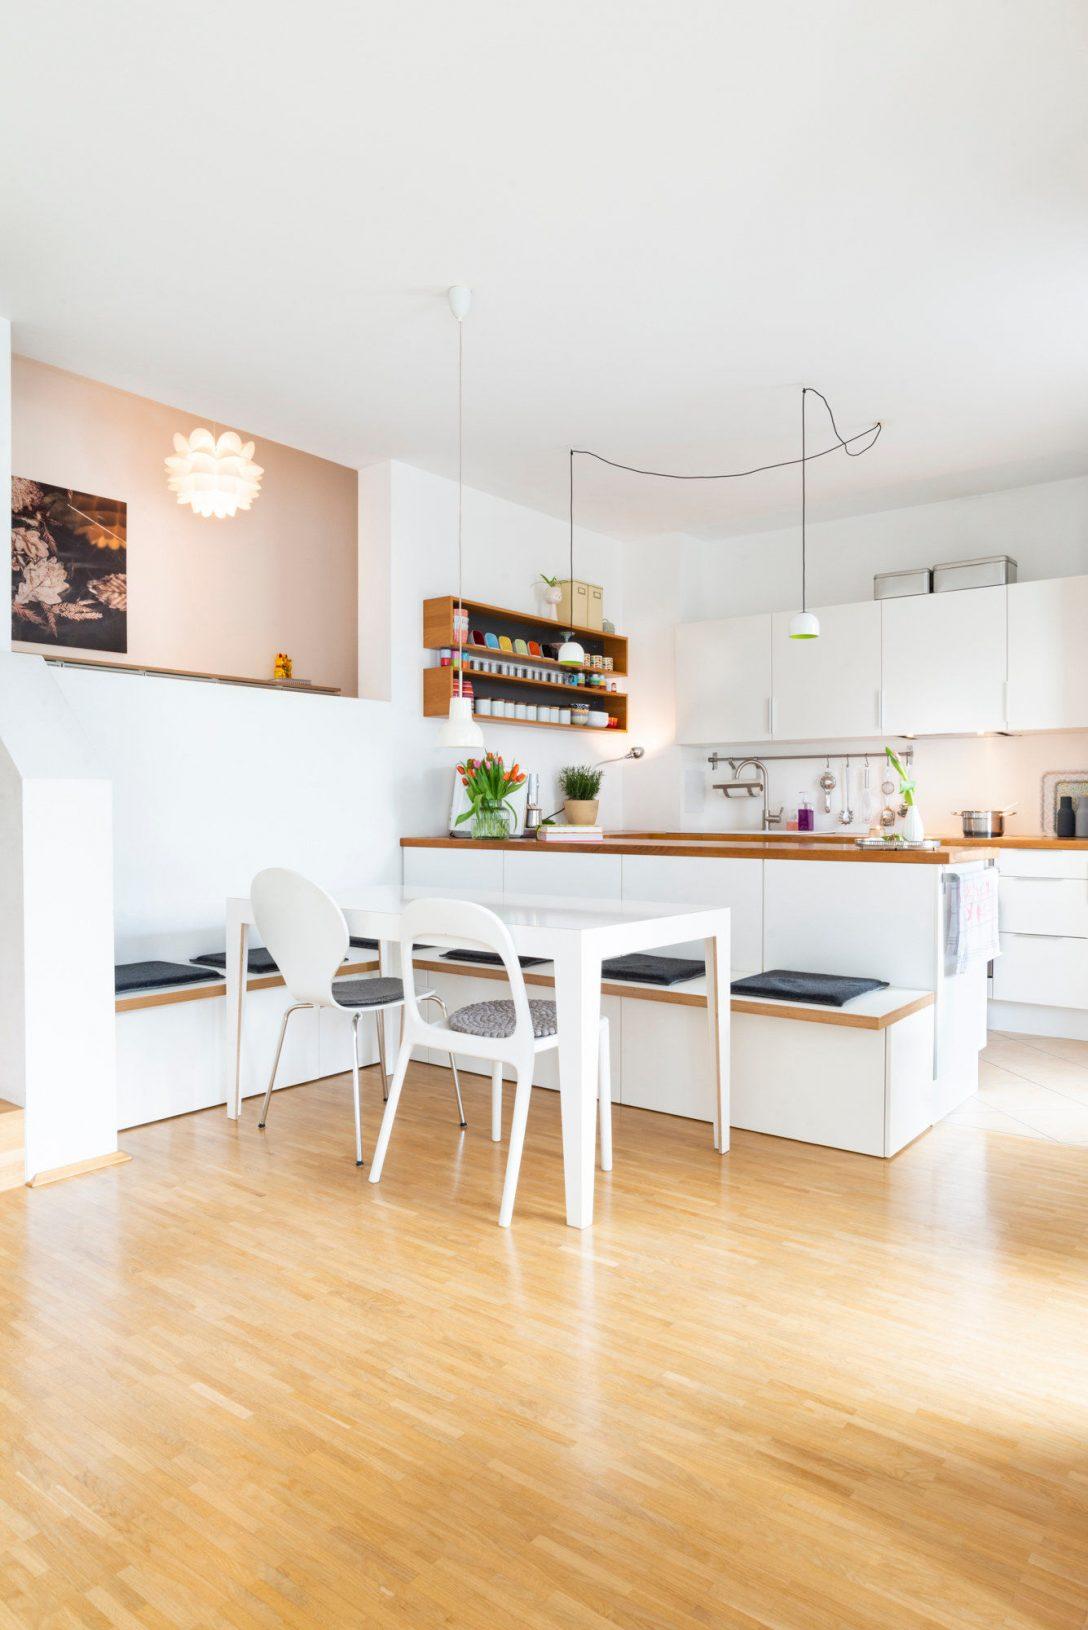 Large Size of Besten Ideen Fr Ikea Hacks Seite 10 Landhausküche Küche Mit Elektrogeräten Günstig Sideboard Arbeitsplatte Obi Einbauküche Modulküche Grifflose Wohnzimmer Ikea Hacks Küche